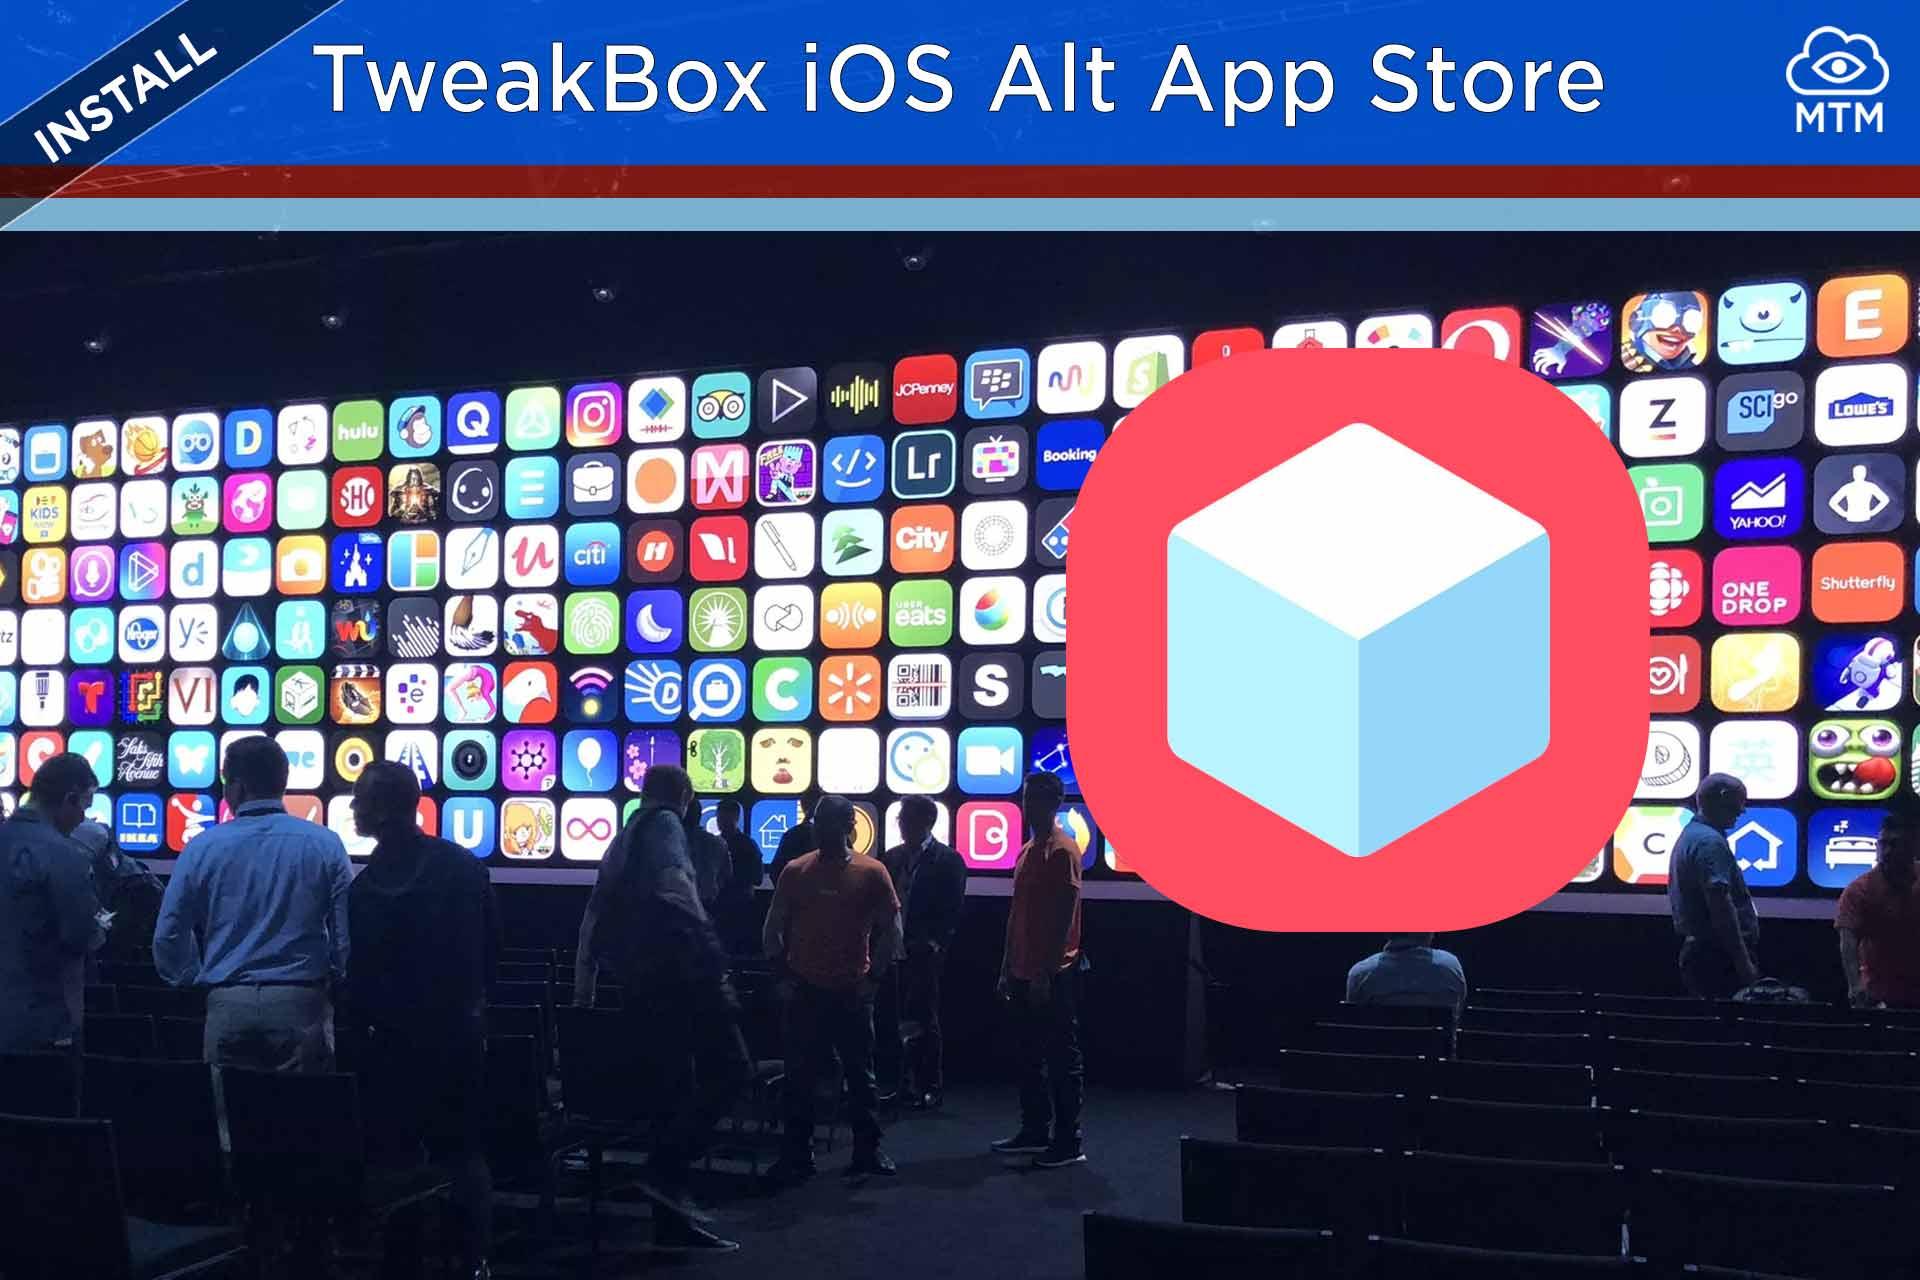 Deskargatu TweakBox iOS eta instalatu iPad edo iPhone